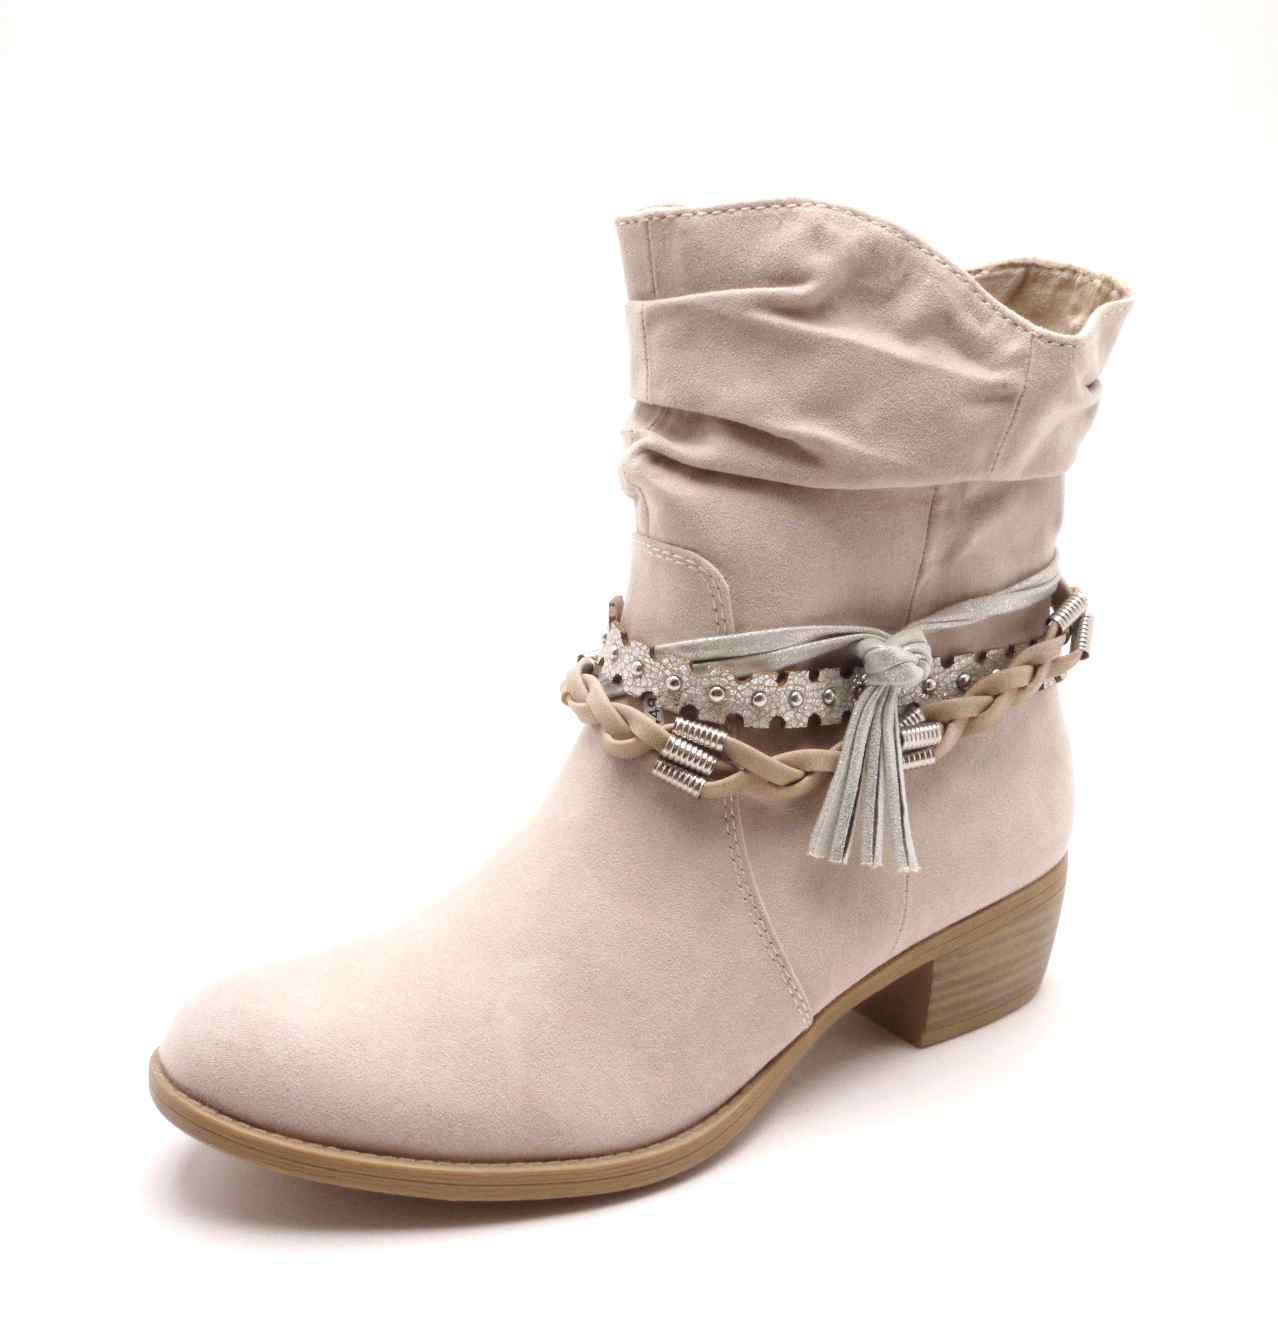 Marco Tozzi Dámská kotníčková béžová obuv 2-25316-30 dune comb Velikost  36 13127b4f2f